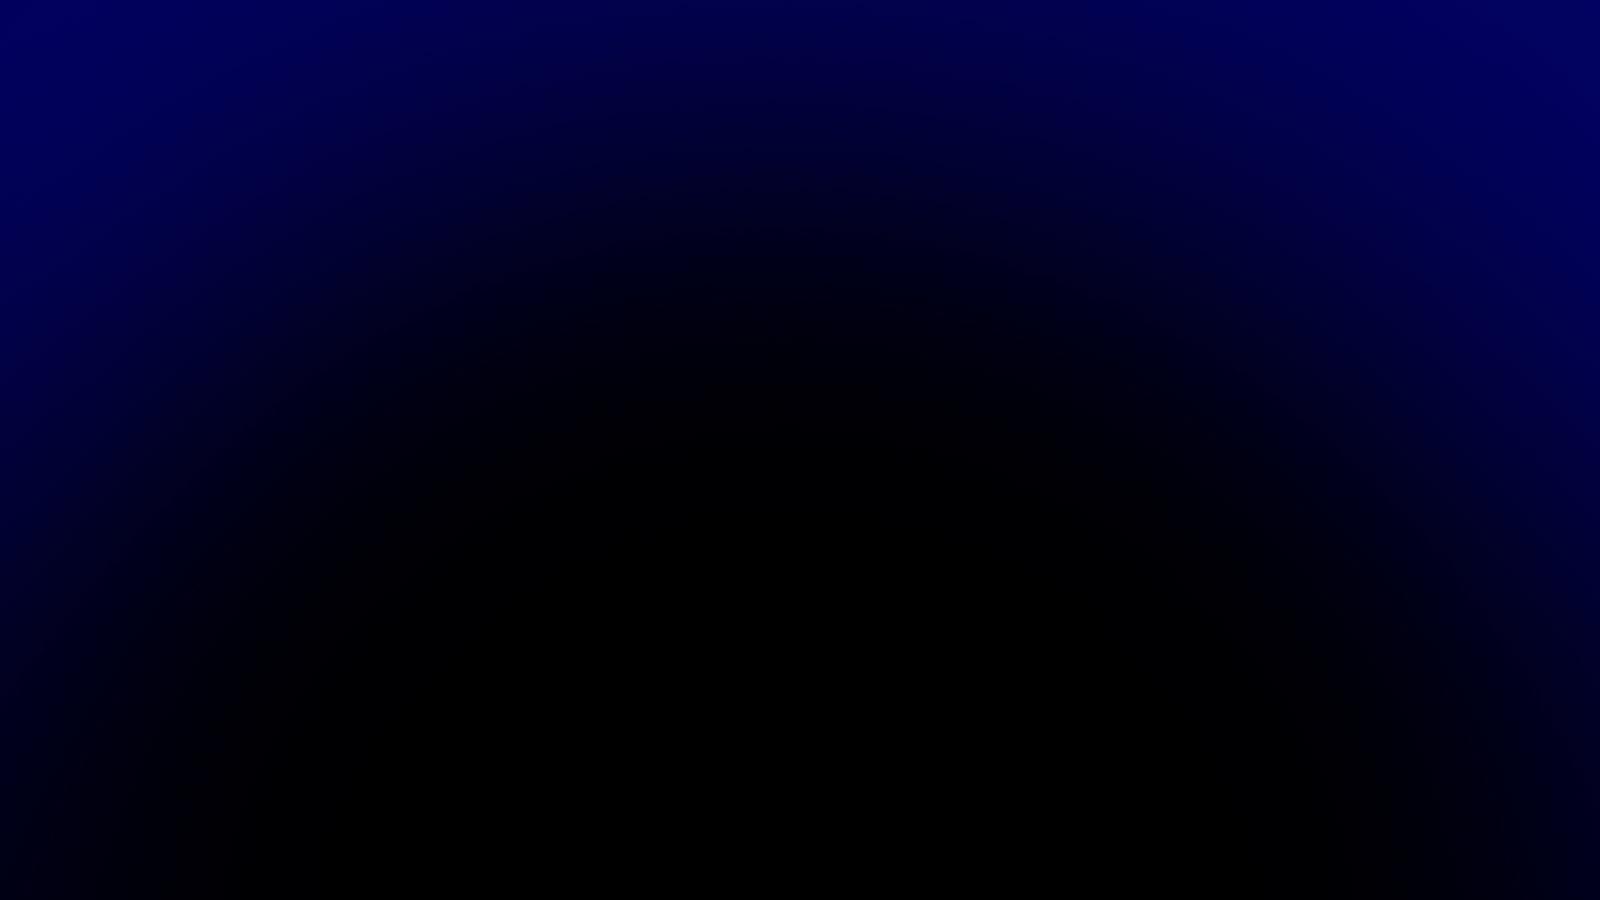 1603-blauw-zwart-verloop